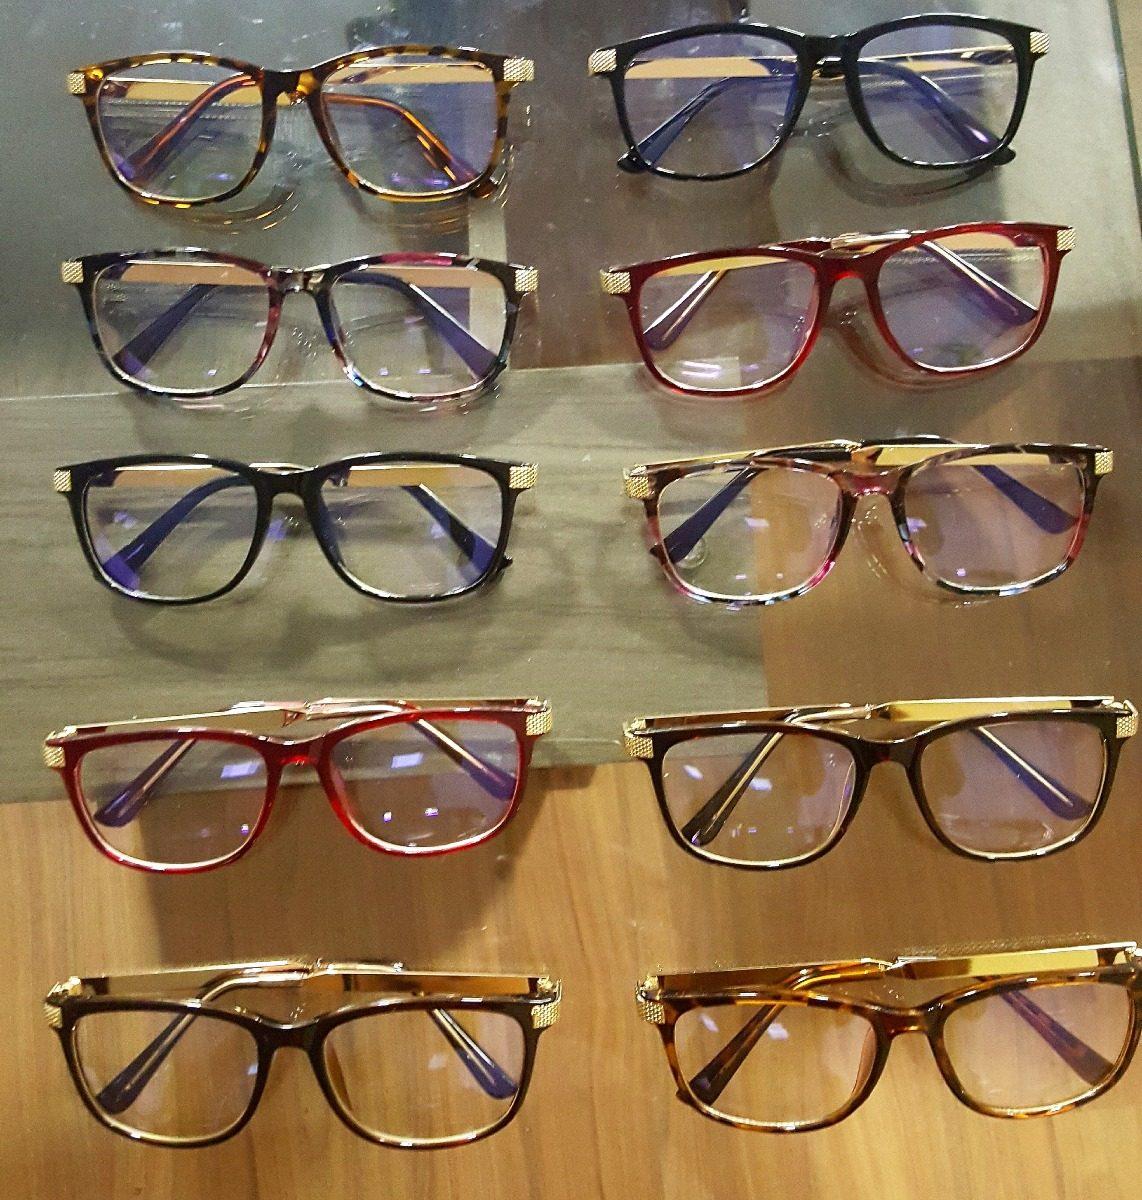 Armação Óculos De Grau Quadrada Feminino Frete Grátis - R  85,00 em ... 0bdce4a9b7